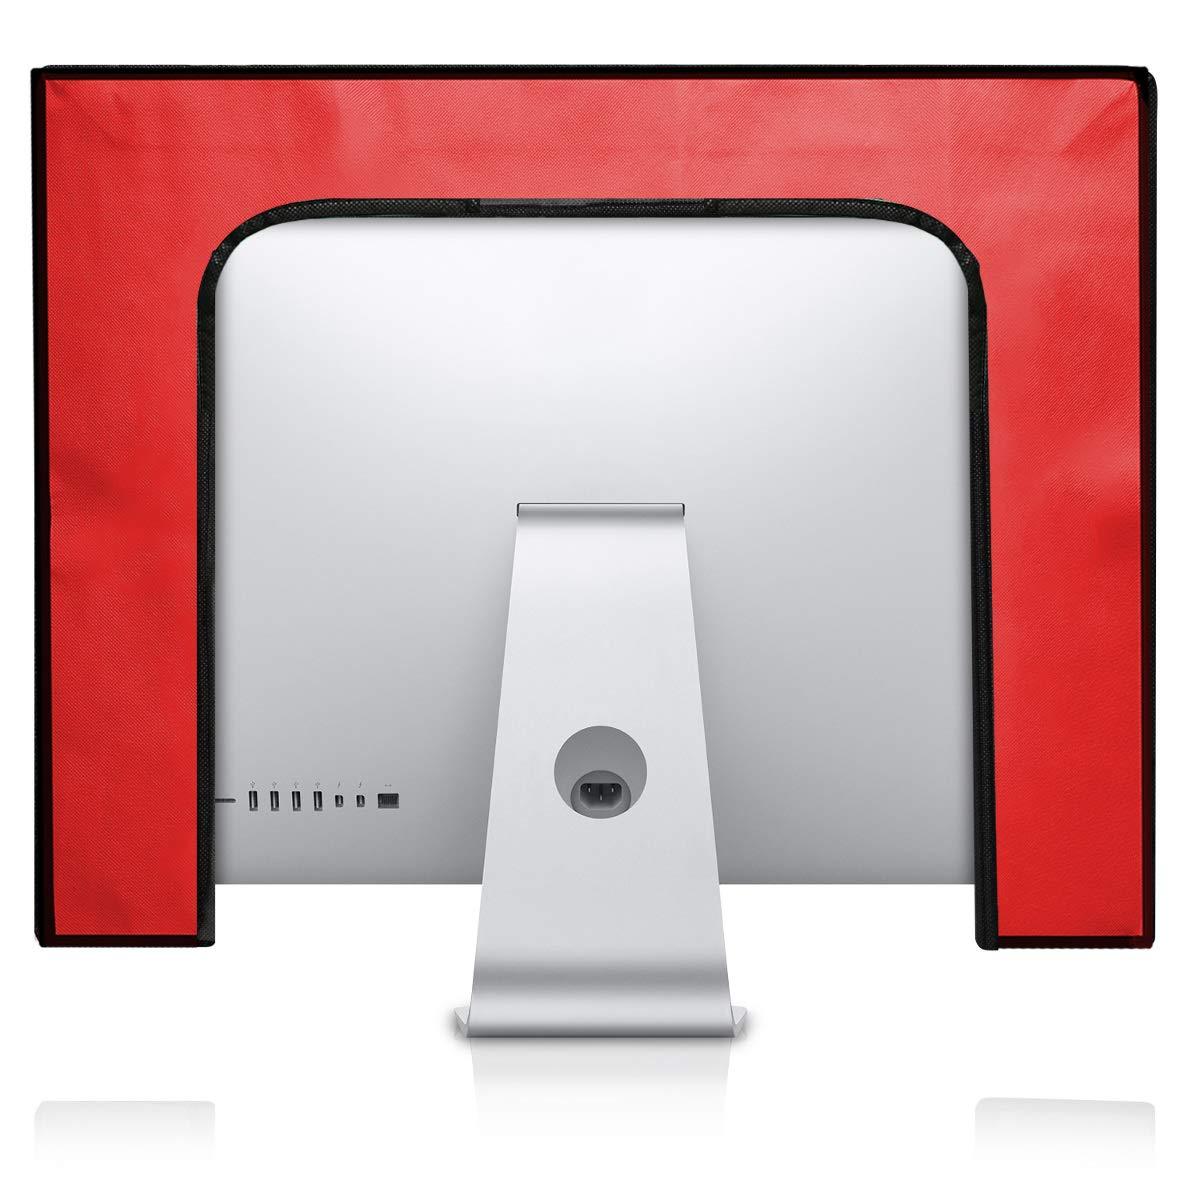 Protection d/écran PC pour 24-26 moniteur gris fonc/é kwmobile Housse /écran ordinateur 24-26 moniteur